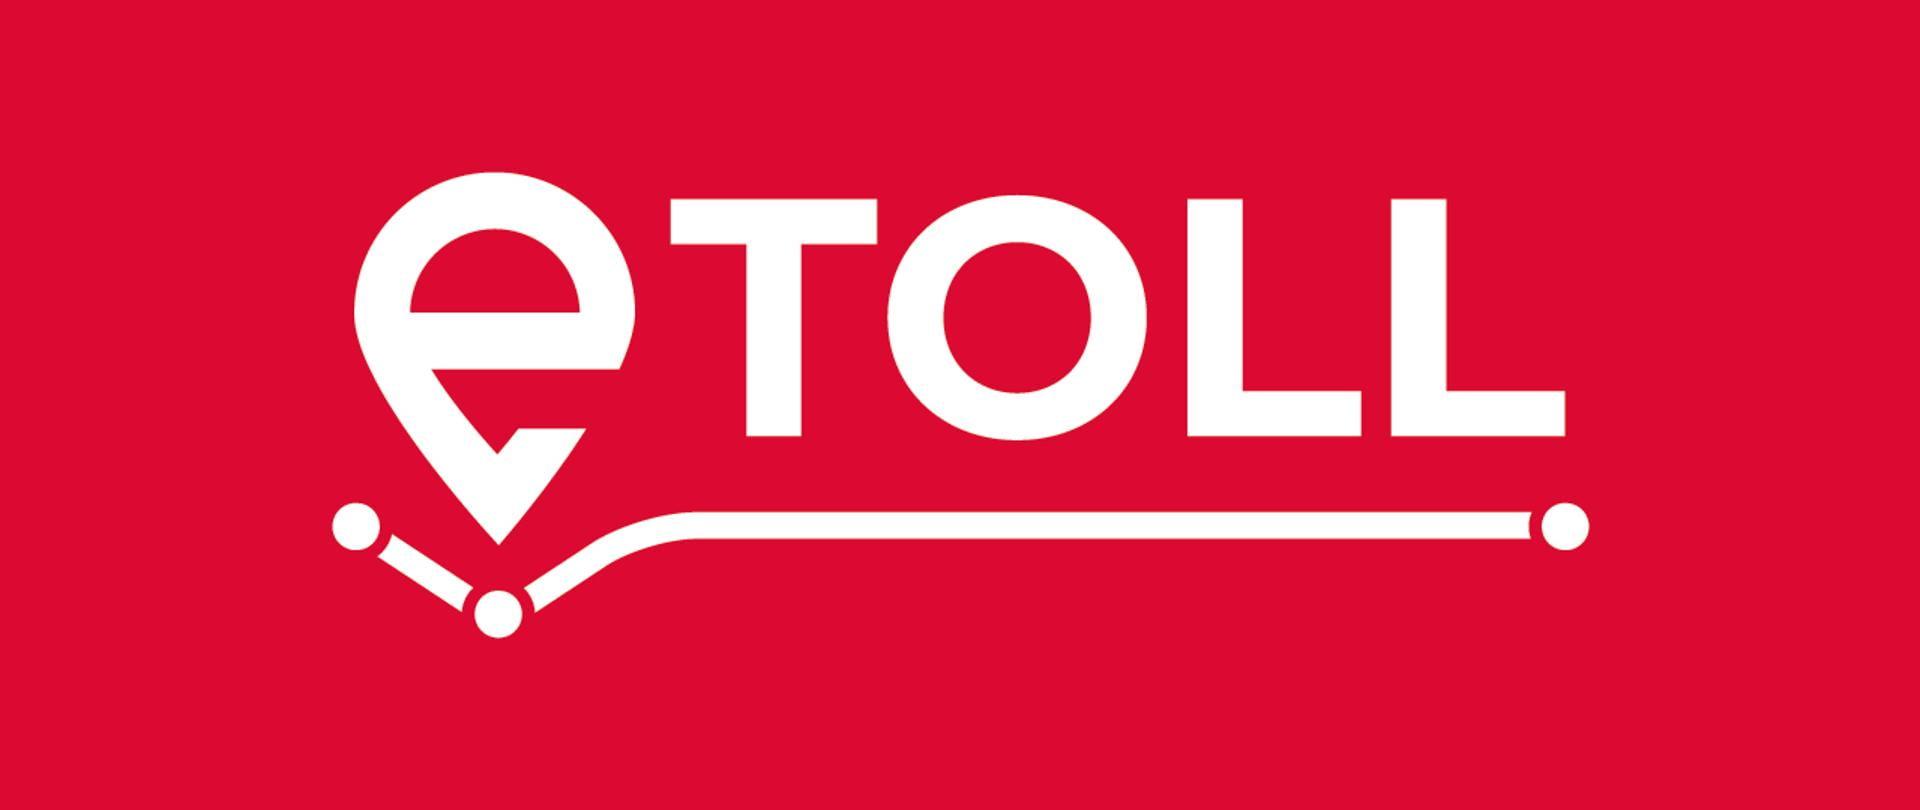 Nowy system e-TOLL już działa. Jak korzystać z systemu poboru opłat? [Poradnik]